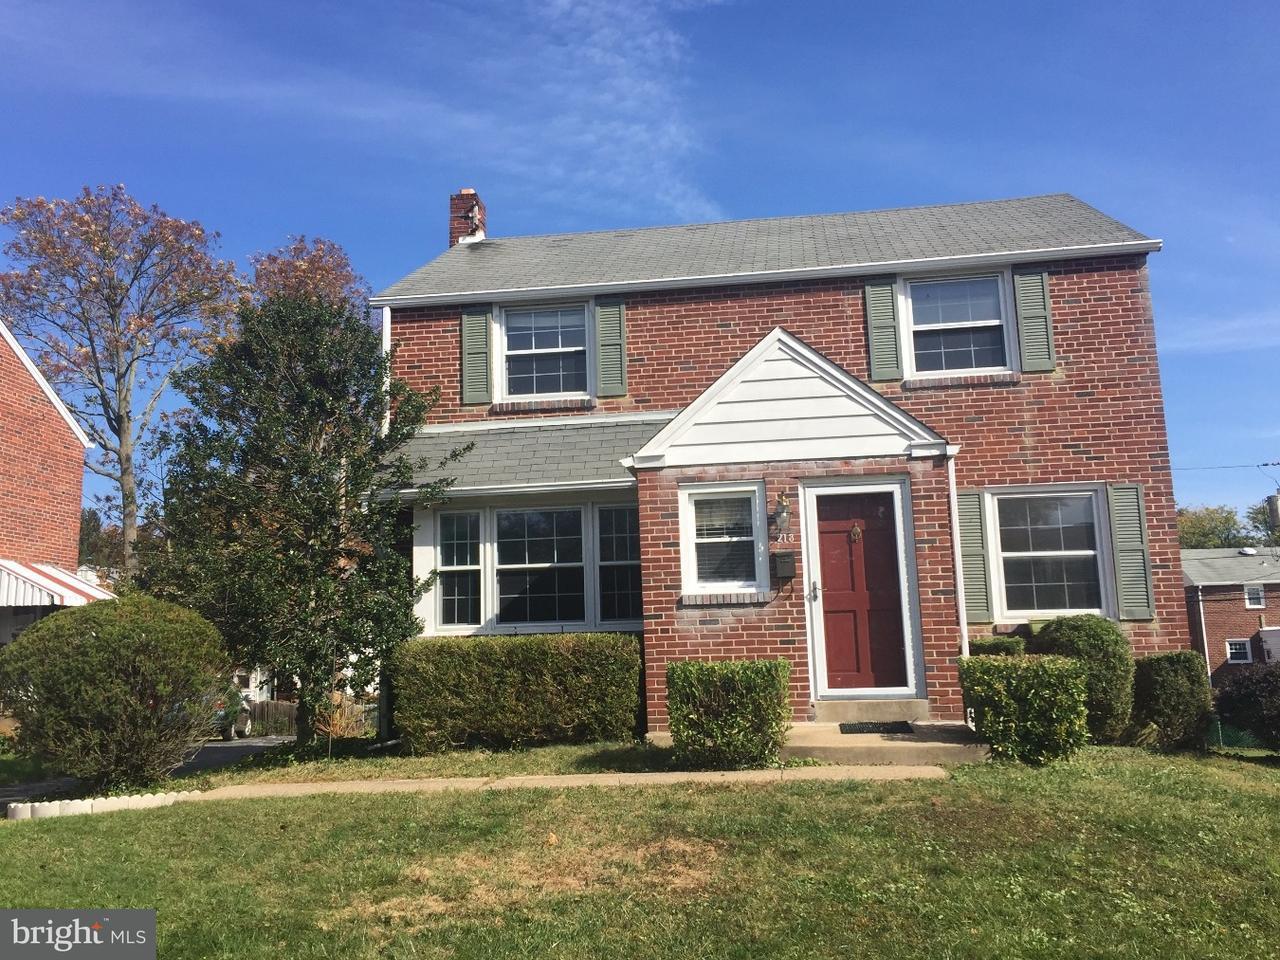 Casa Unifamiliar por un Alquiler en 213 CLAMAR Avenue Havertown, Pennsylvania 19083 Estados Unidos